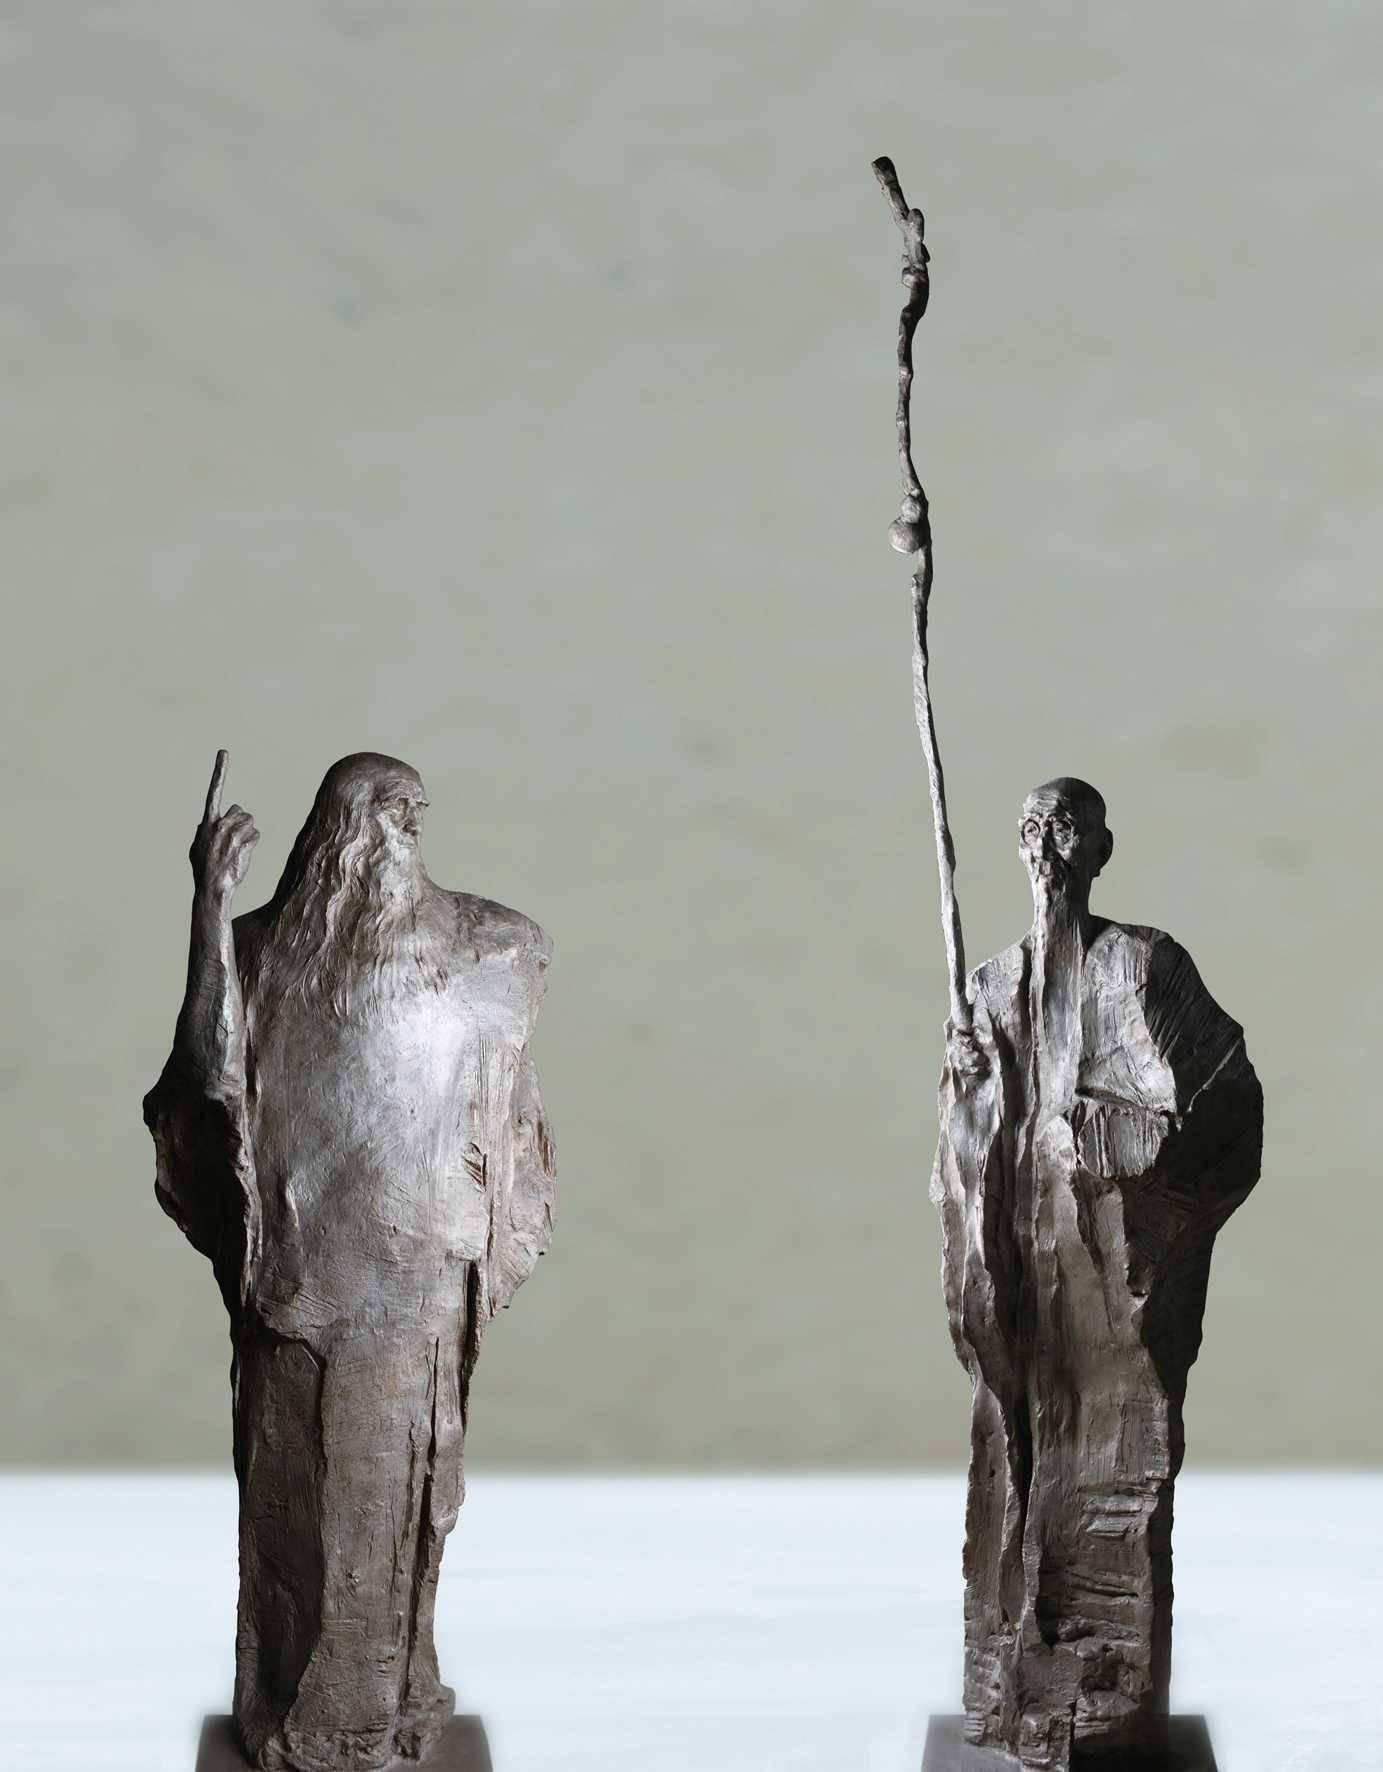 写意雕塑的美学品格与实现路径